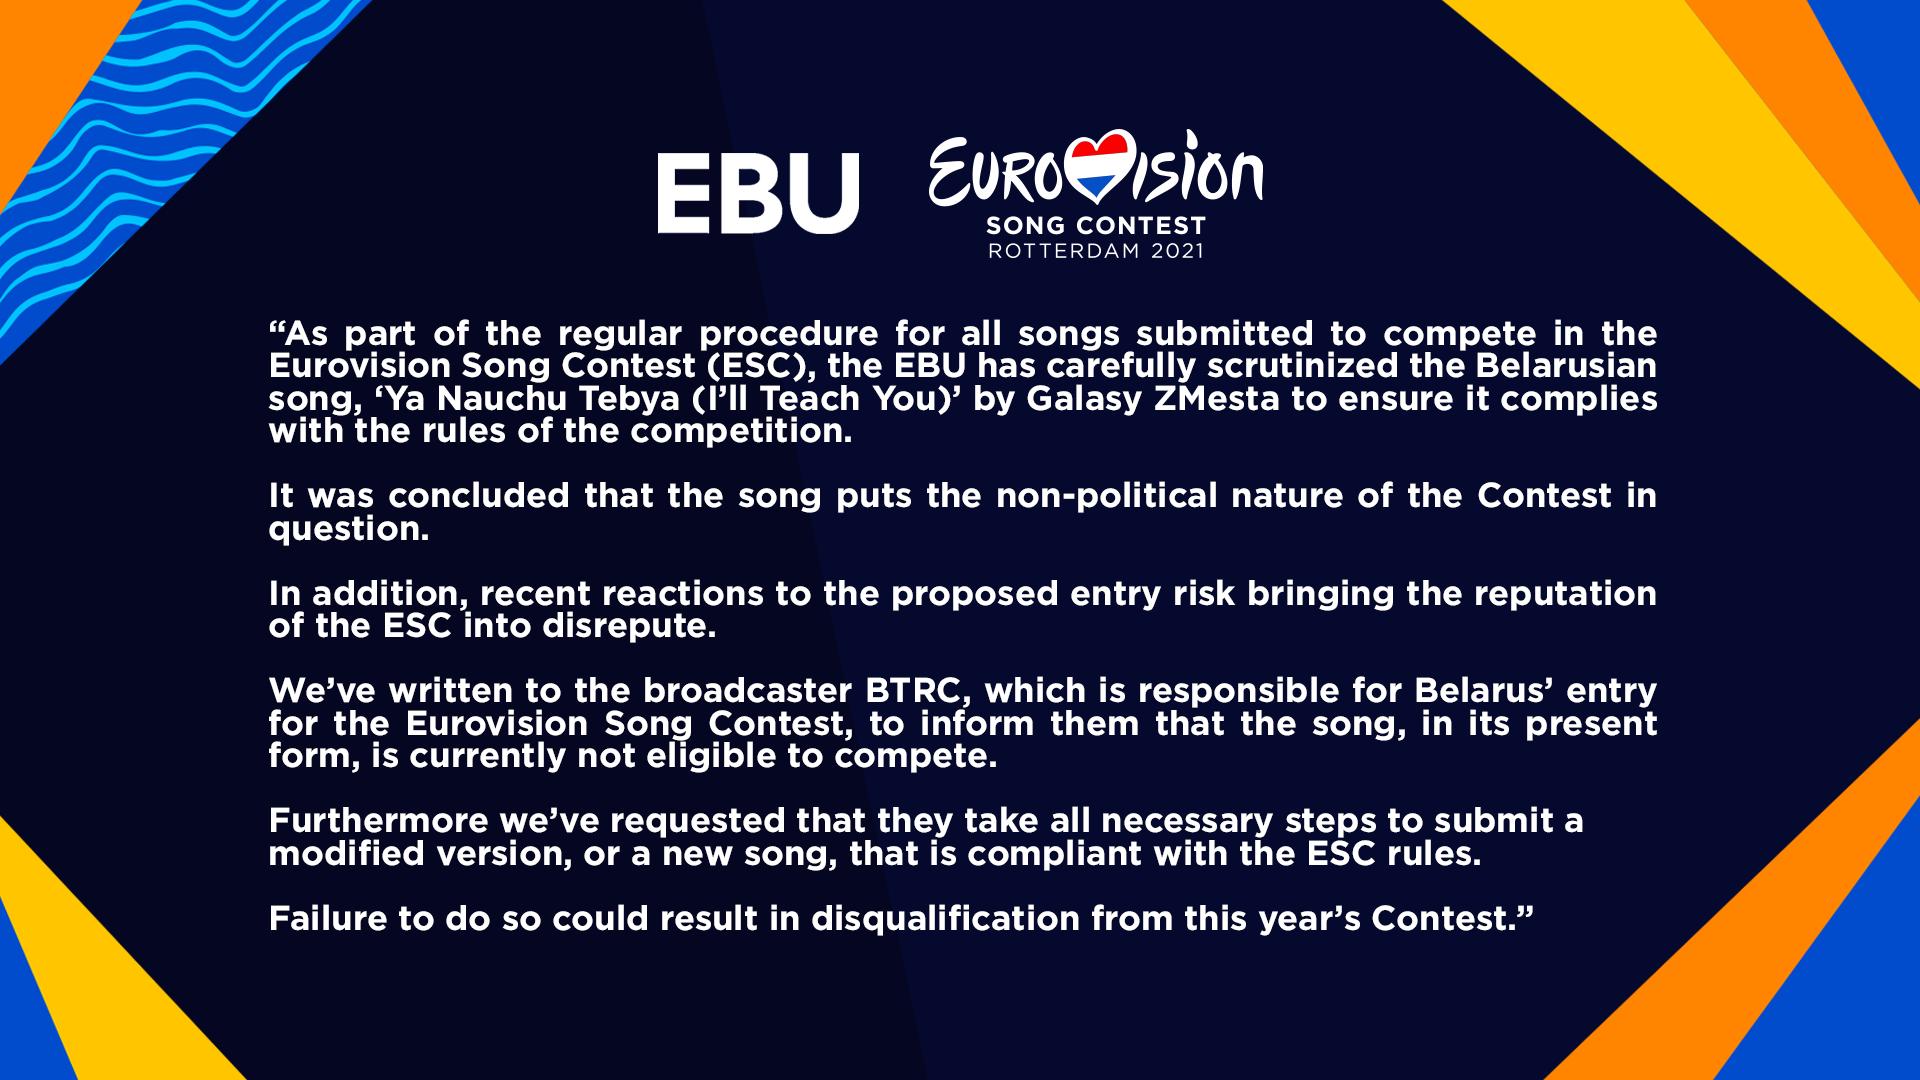 C:\Users\user\Desktop\Угроза отлучения Беларуси от Евровидения была красочно оформлена.png